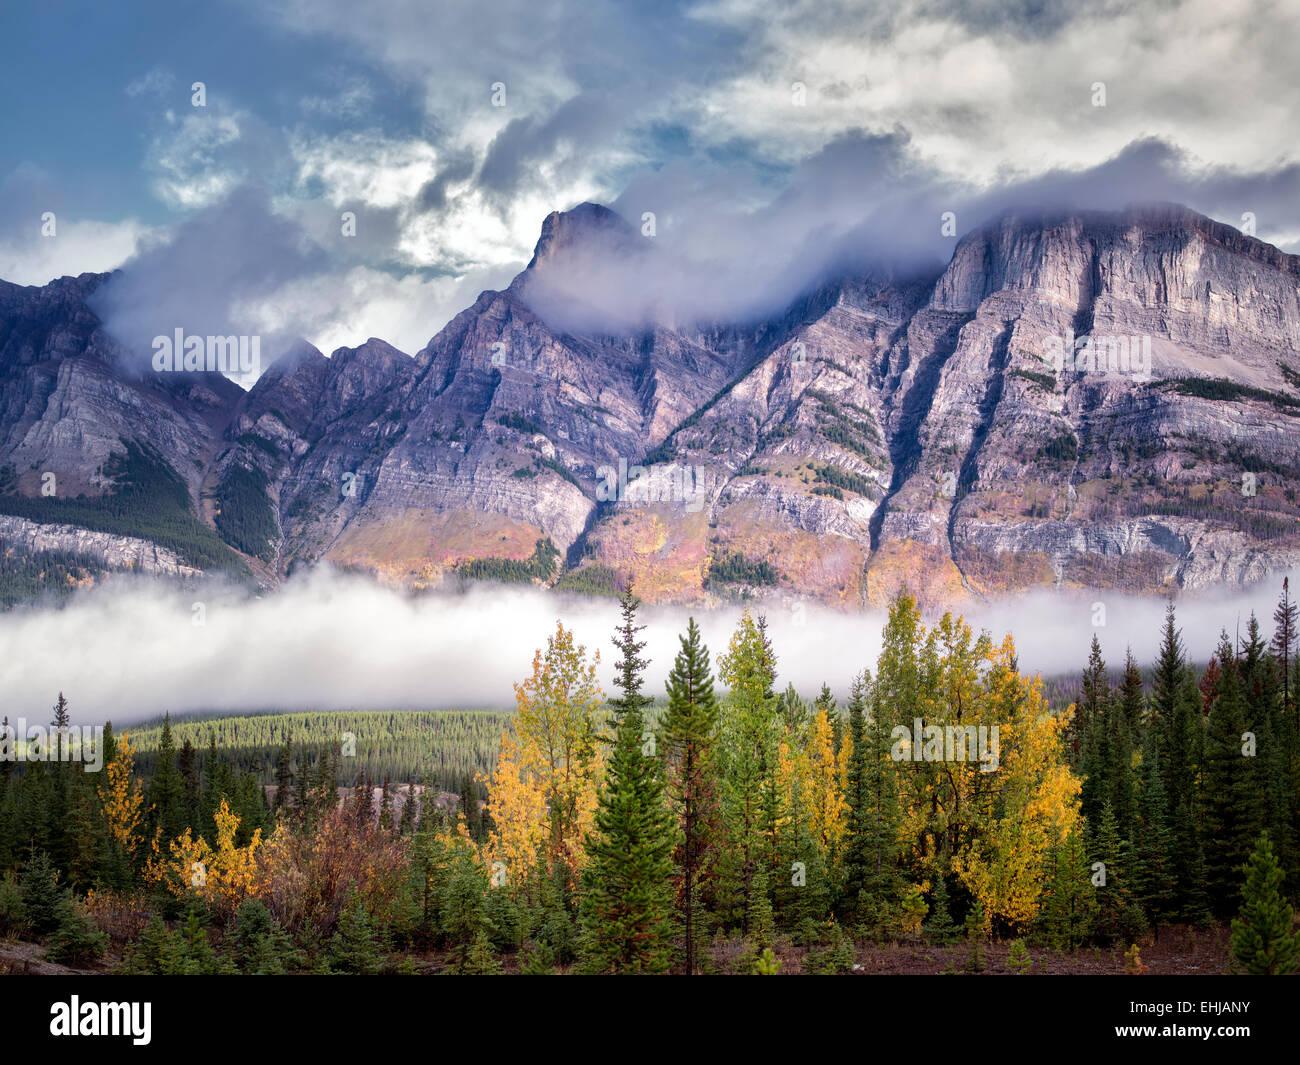 Le brouillard et les nuages bas aux couleurs de l'automne. Le parc national Banff. L'Alberta, Canada Banque D'Images